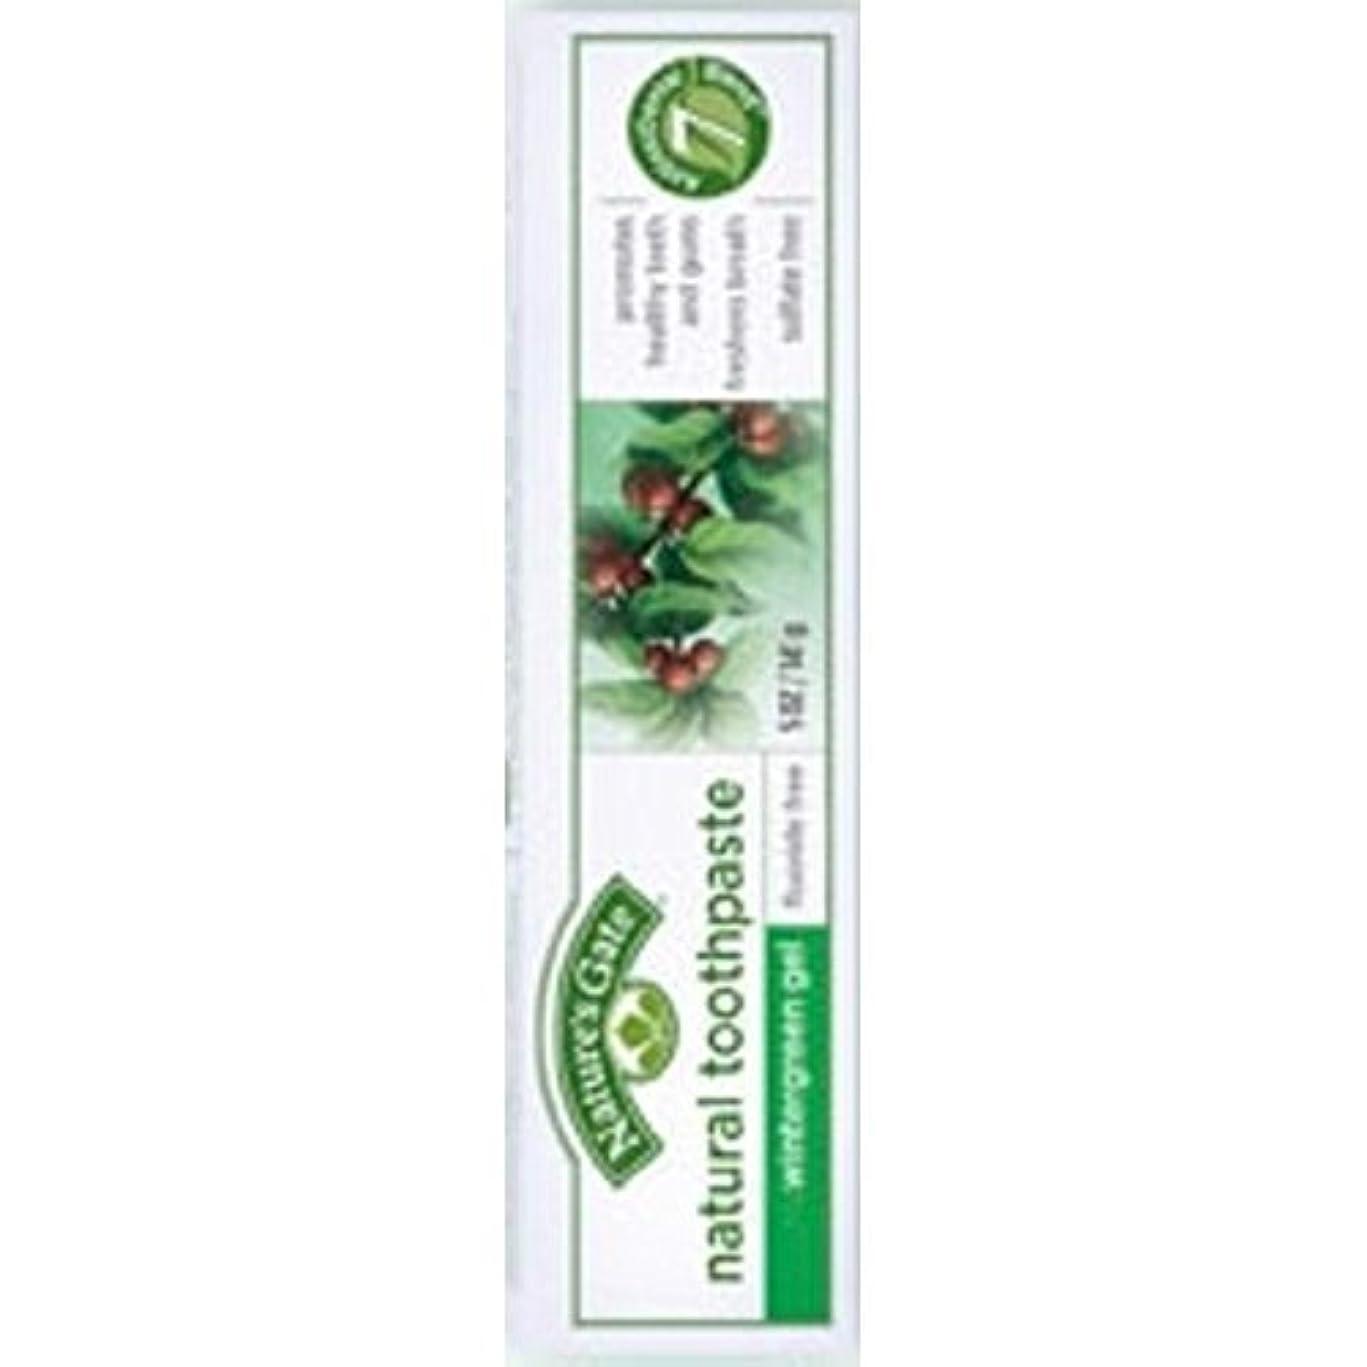 迷惑買う見捨てるNature's Gate Natural Toothpaste Gel Flouride Free Wintergreen - 5 oz - Case of 6 by Nature's Gate [並行輸入品]